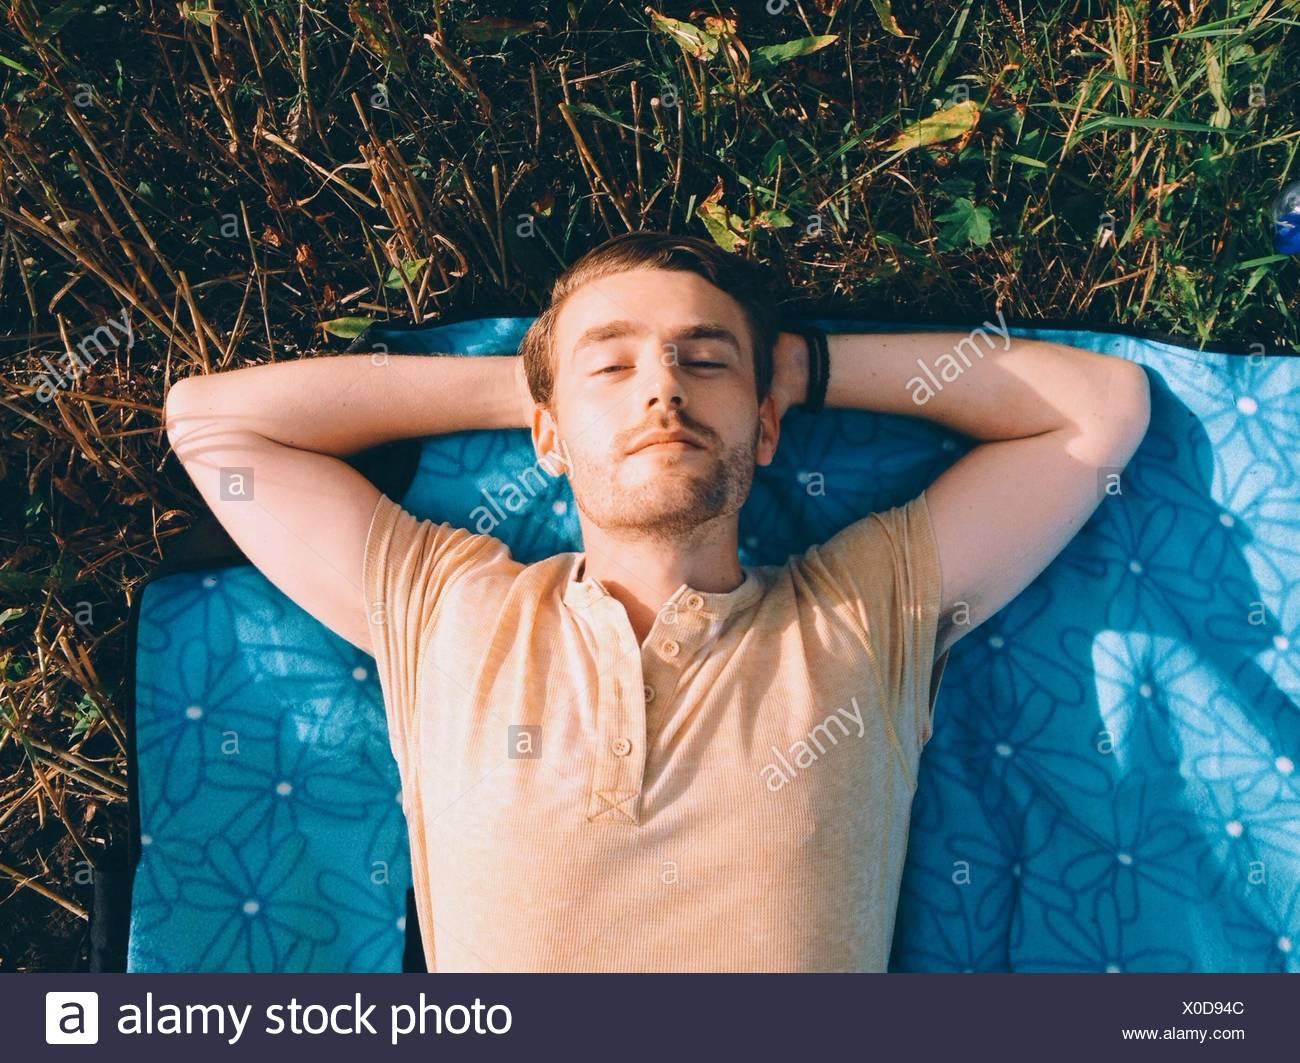 High Angle View Of einen Mann liegen im freien Stockbild